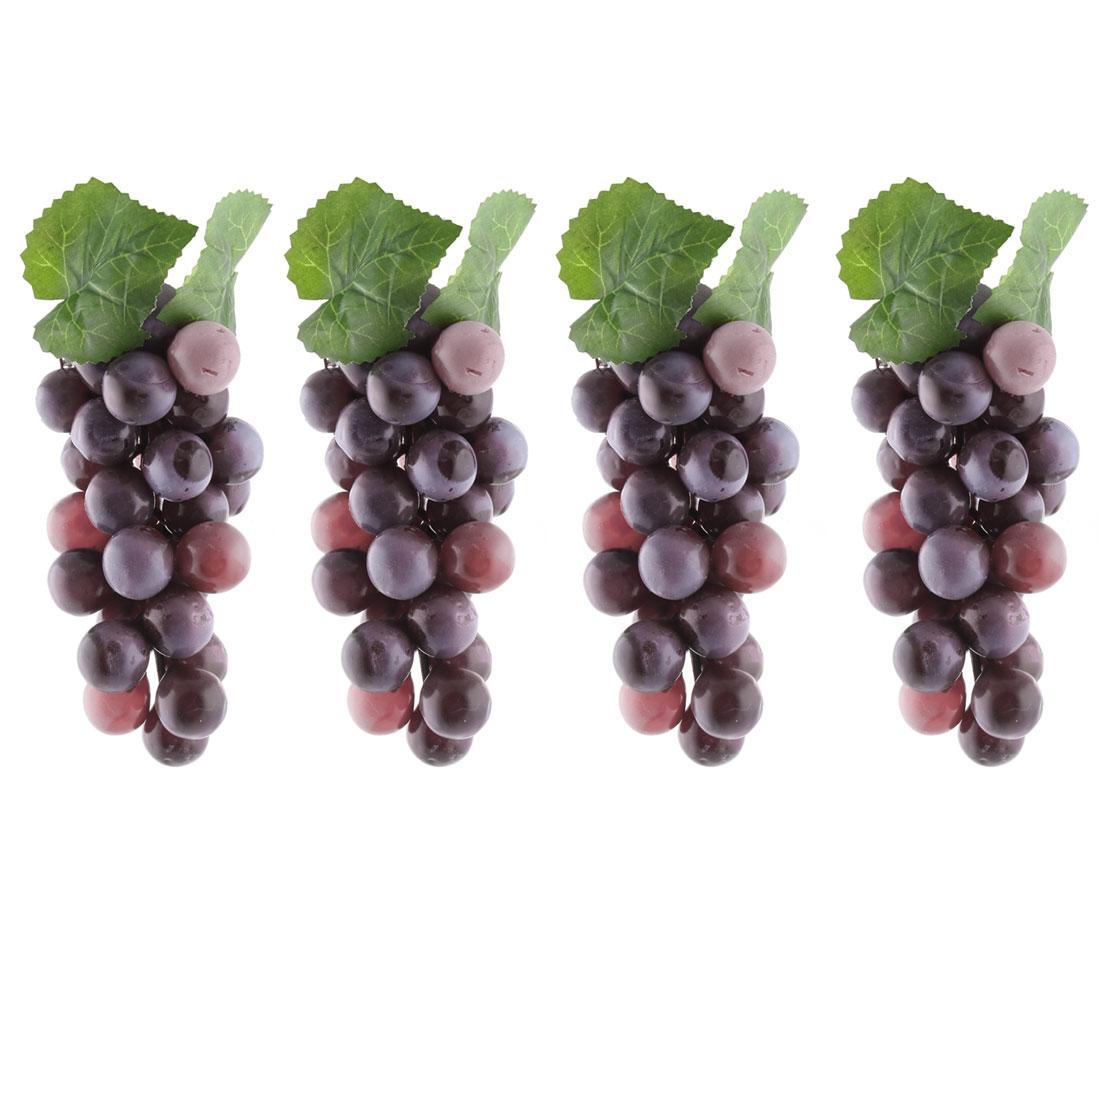 Home Plastic Desk Table Decoration Simulation Artificial Fruit Grape Purple 4 Pcs